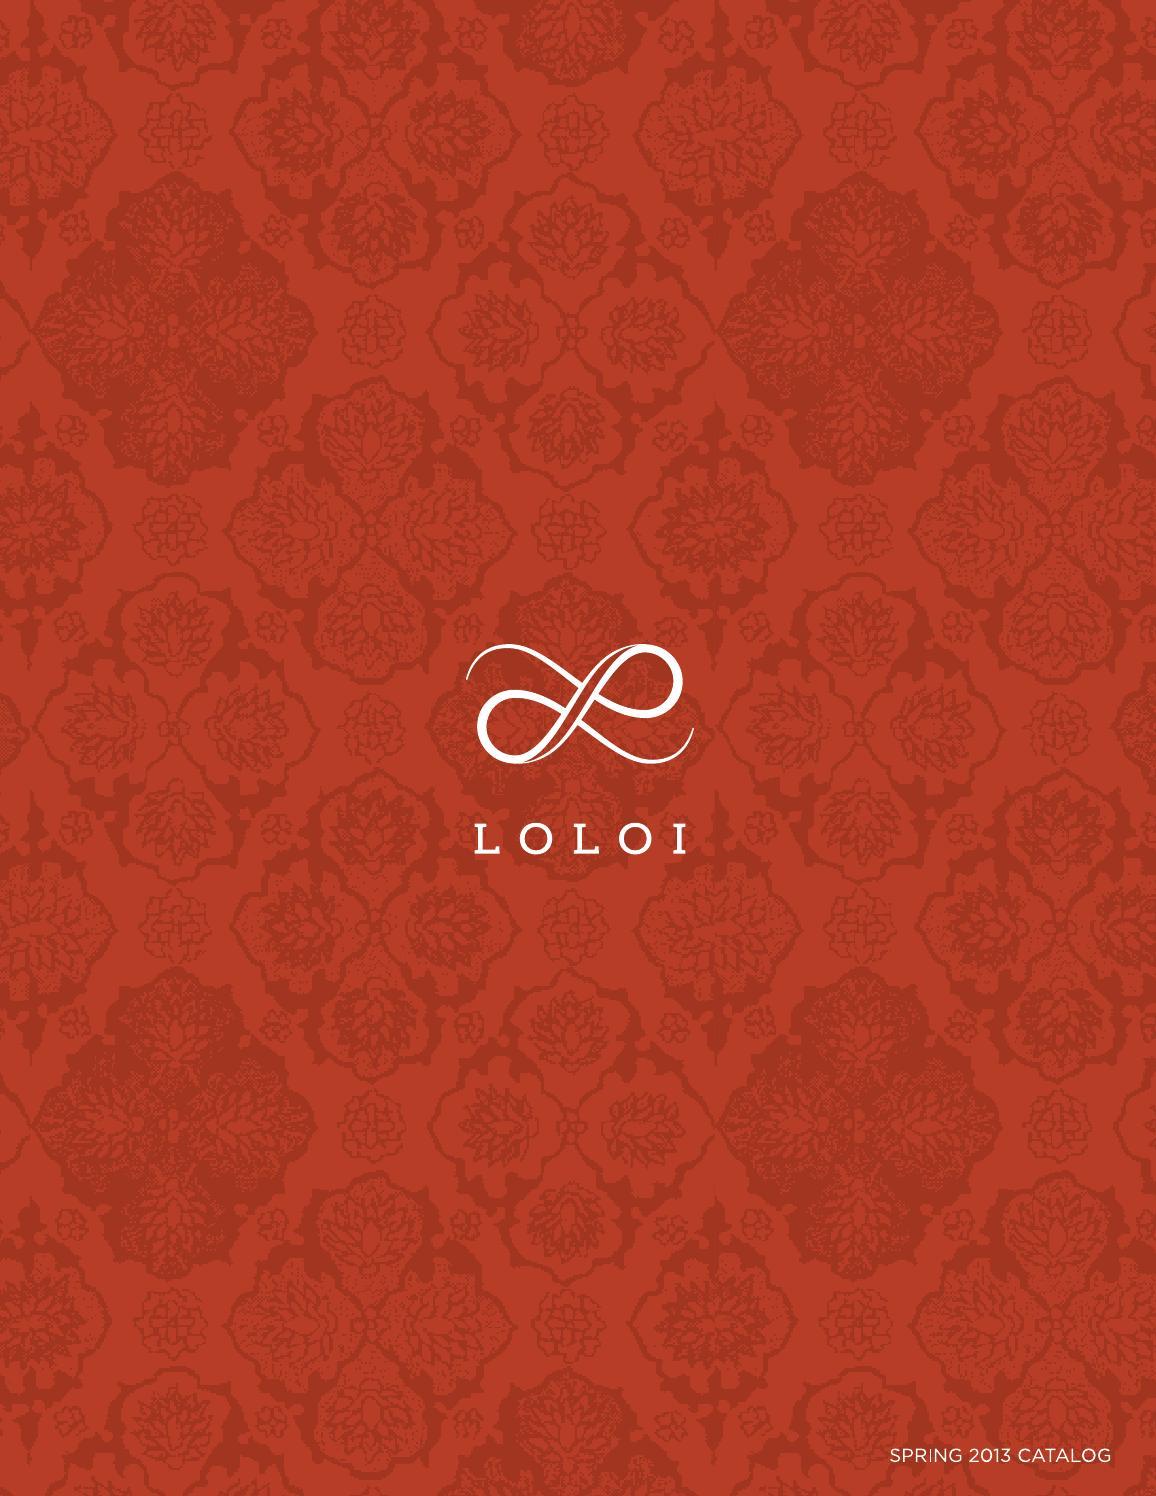 Loloi 2013 Catalog By Loloi Issuu